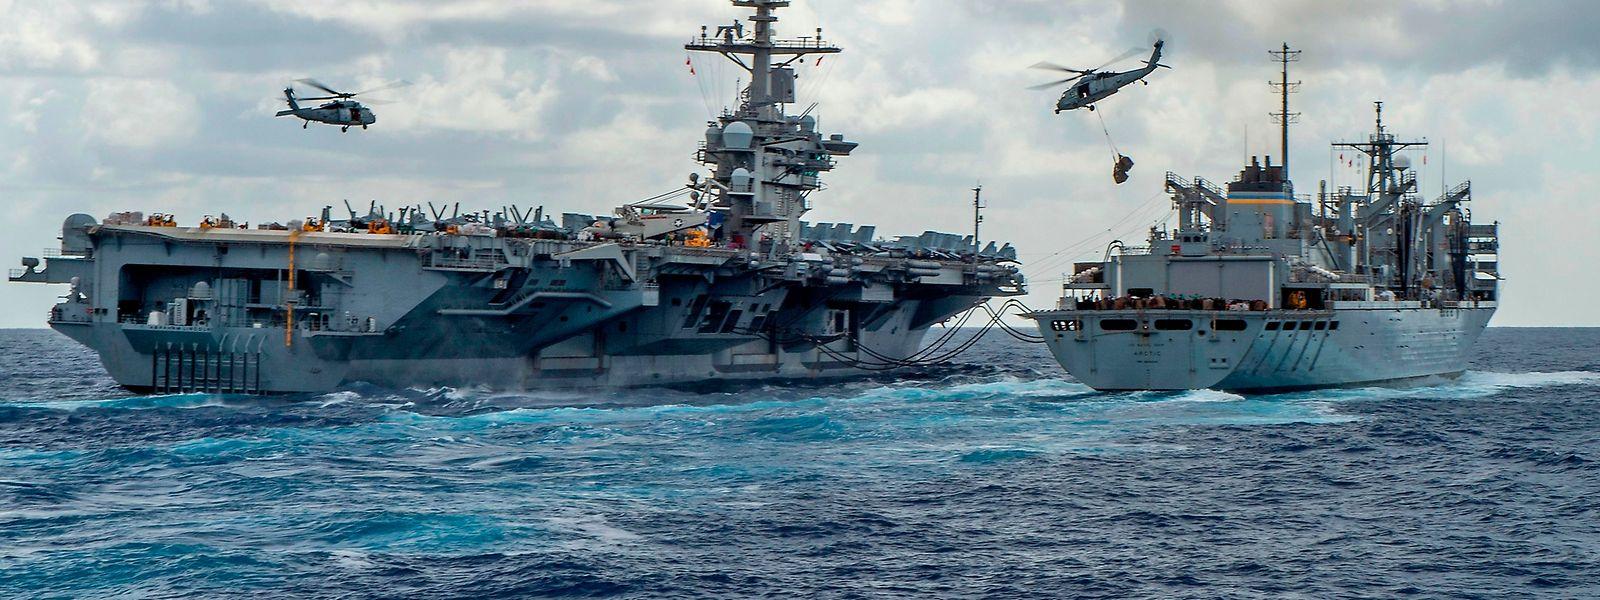 Die USA haben zur Abschreckung bereits Kriegsschiffe in die Golfregion verlegt.